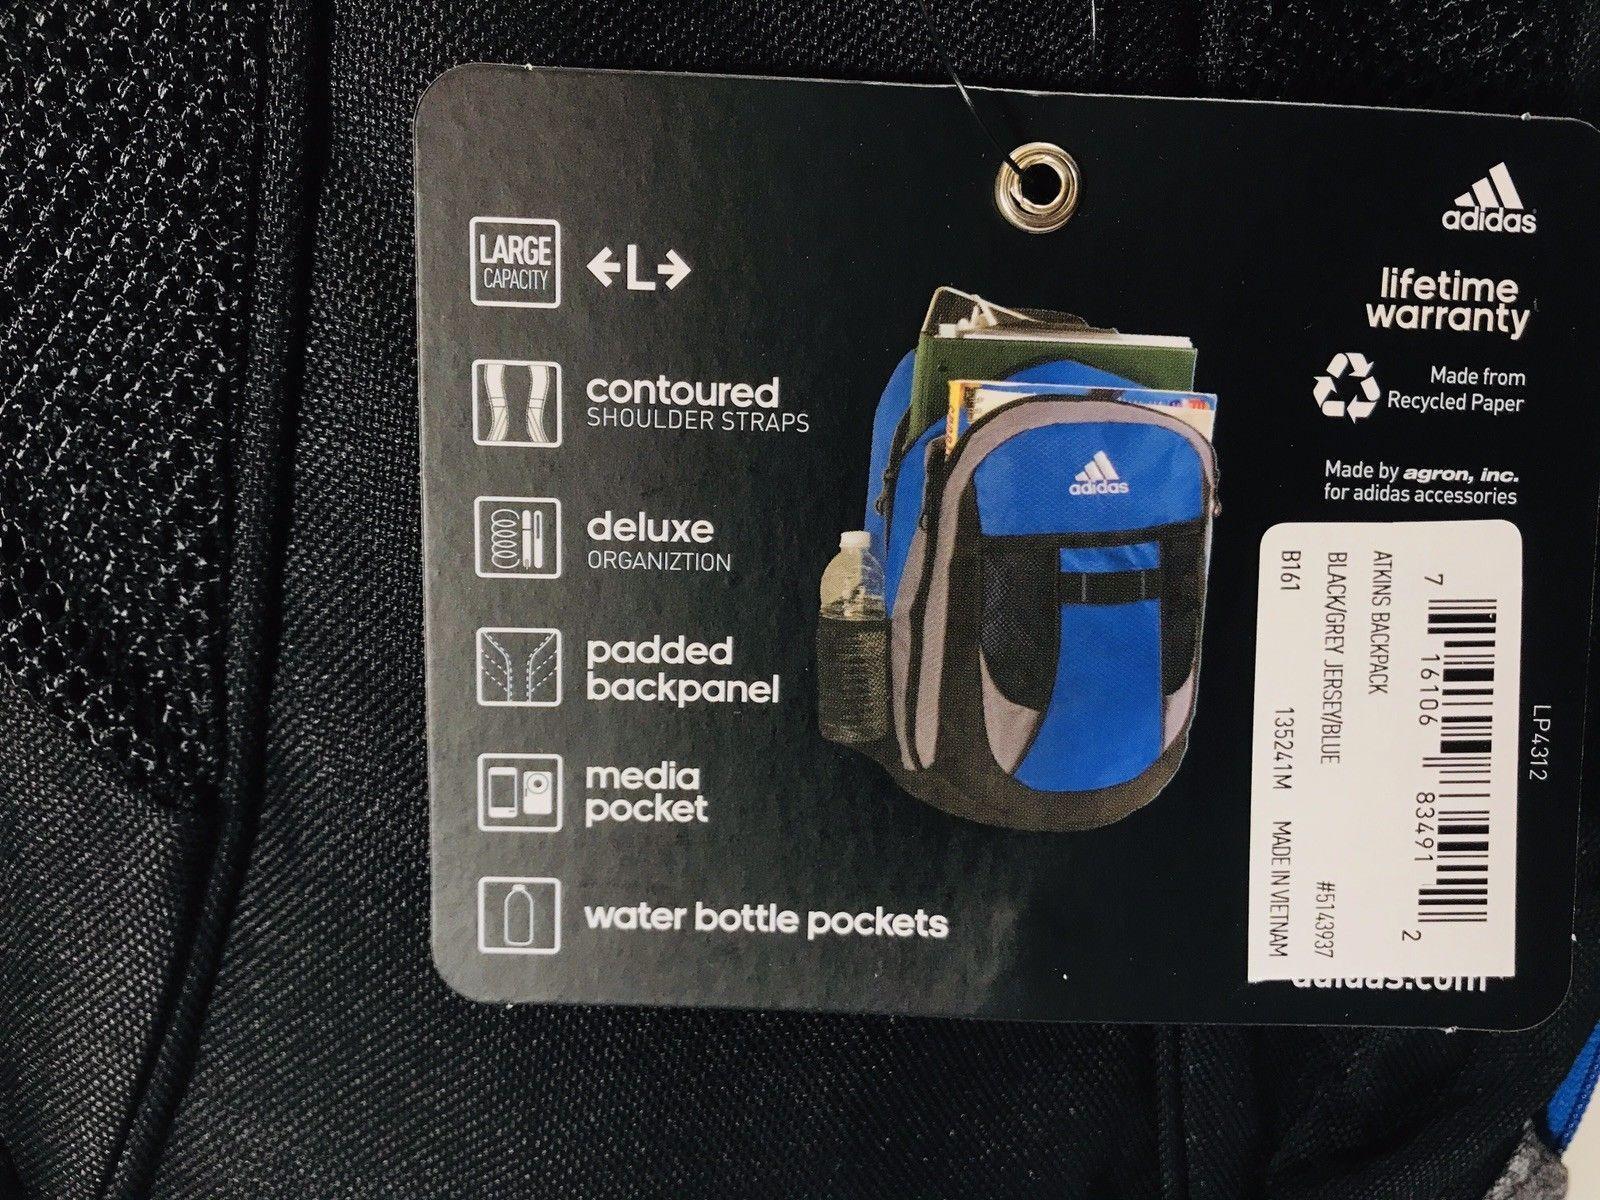 *New* Adidas Atkins Large Capacity Backpack Black/Blue/Grey Unisex